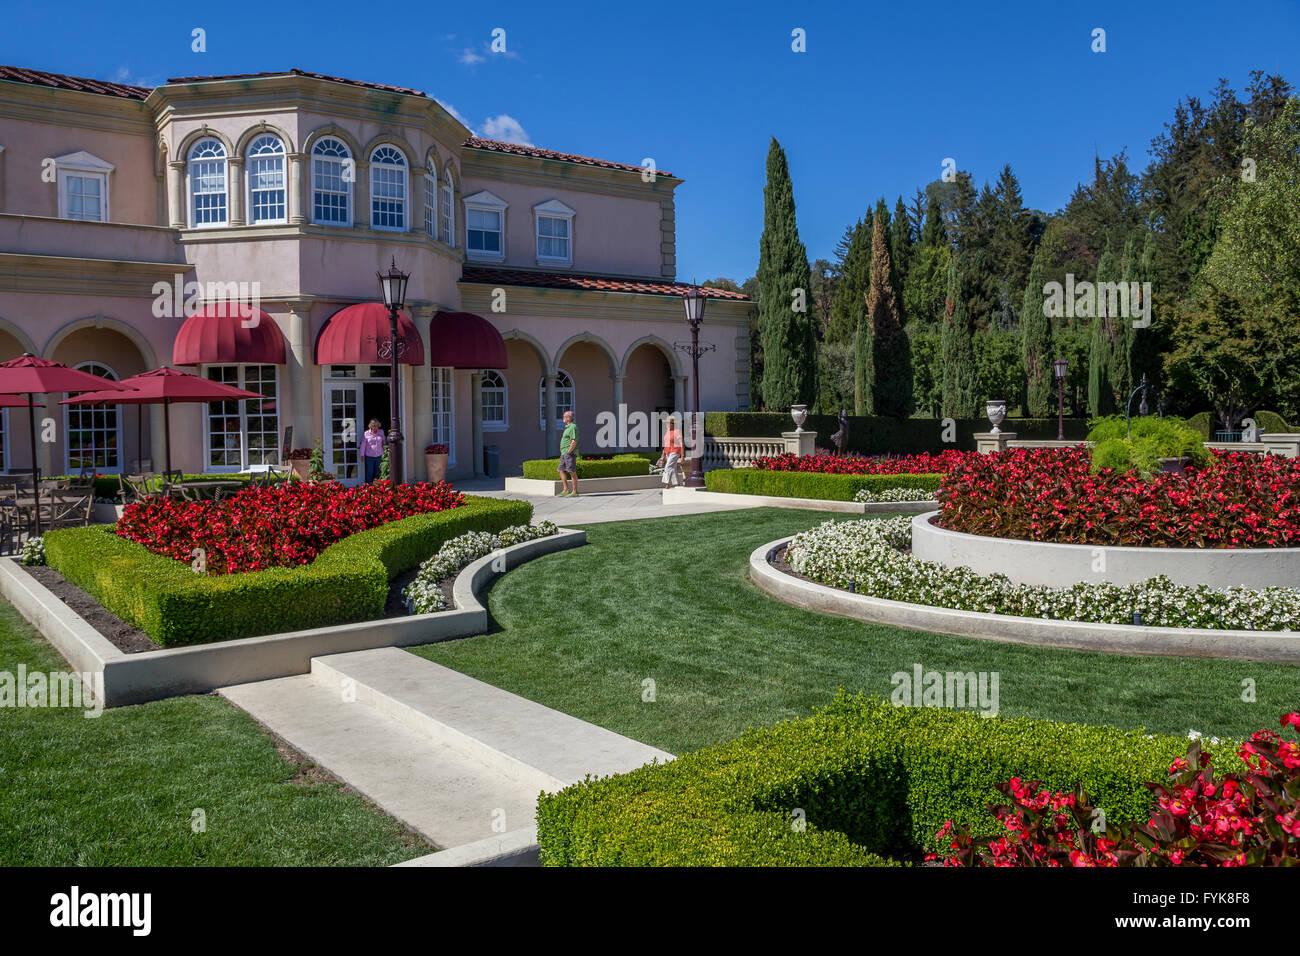 Villa Fiore Tasting Room, Il Terrazzo outdoor tasting